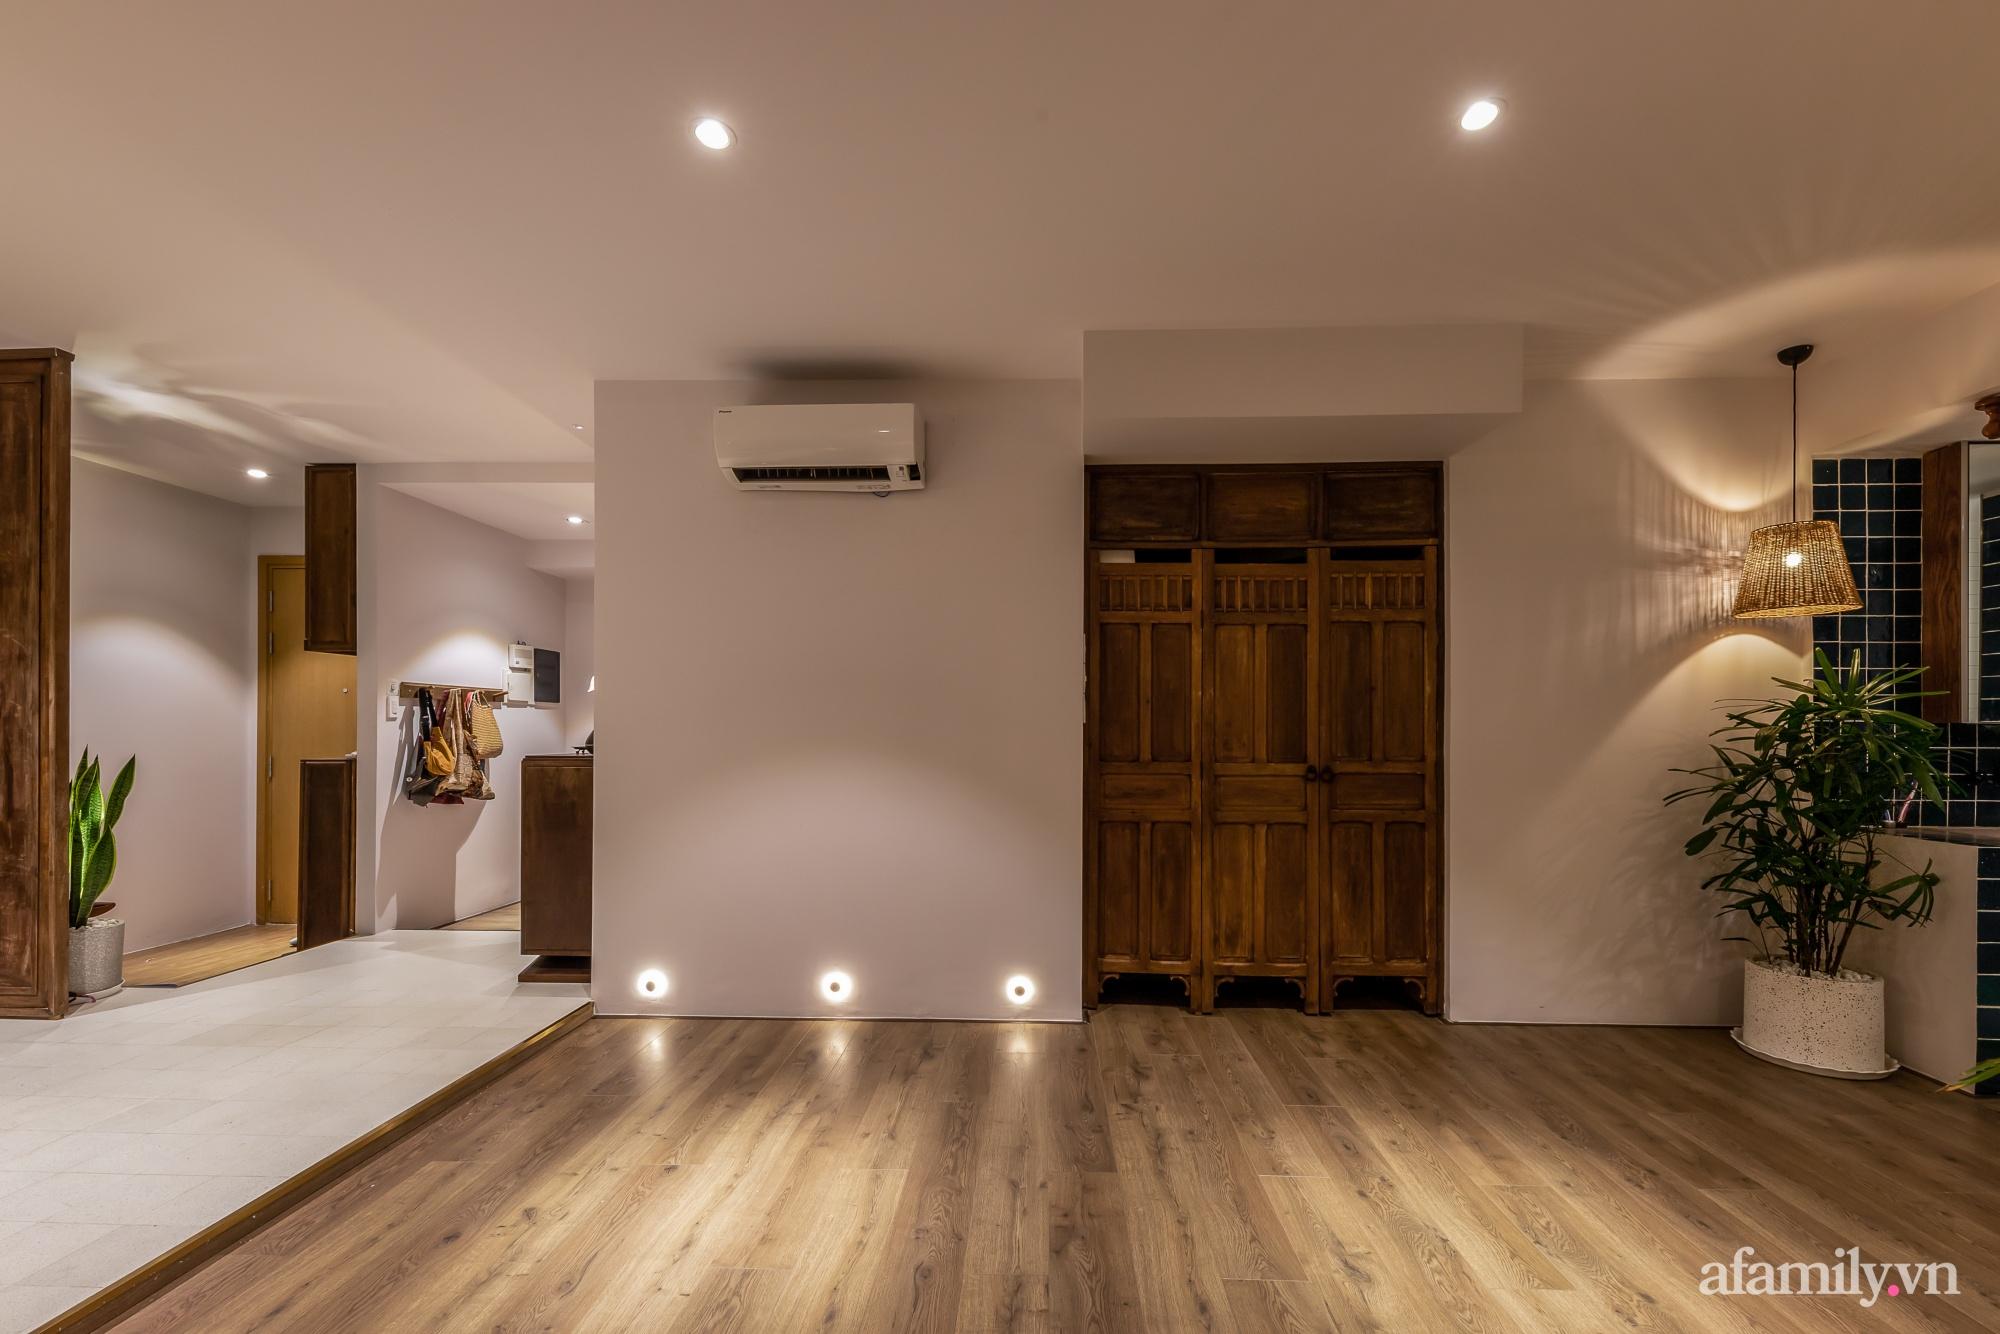 Căn hộ 90m² mang hơi thở Đông Dương vào kiến trúc hiện đại đầy nghệ thuật và sự tinh tế ở Q2, TP. HCM - Ảnh 9.